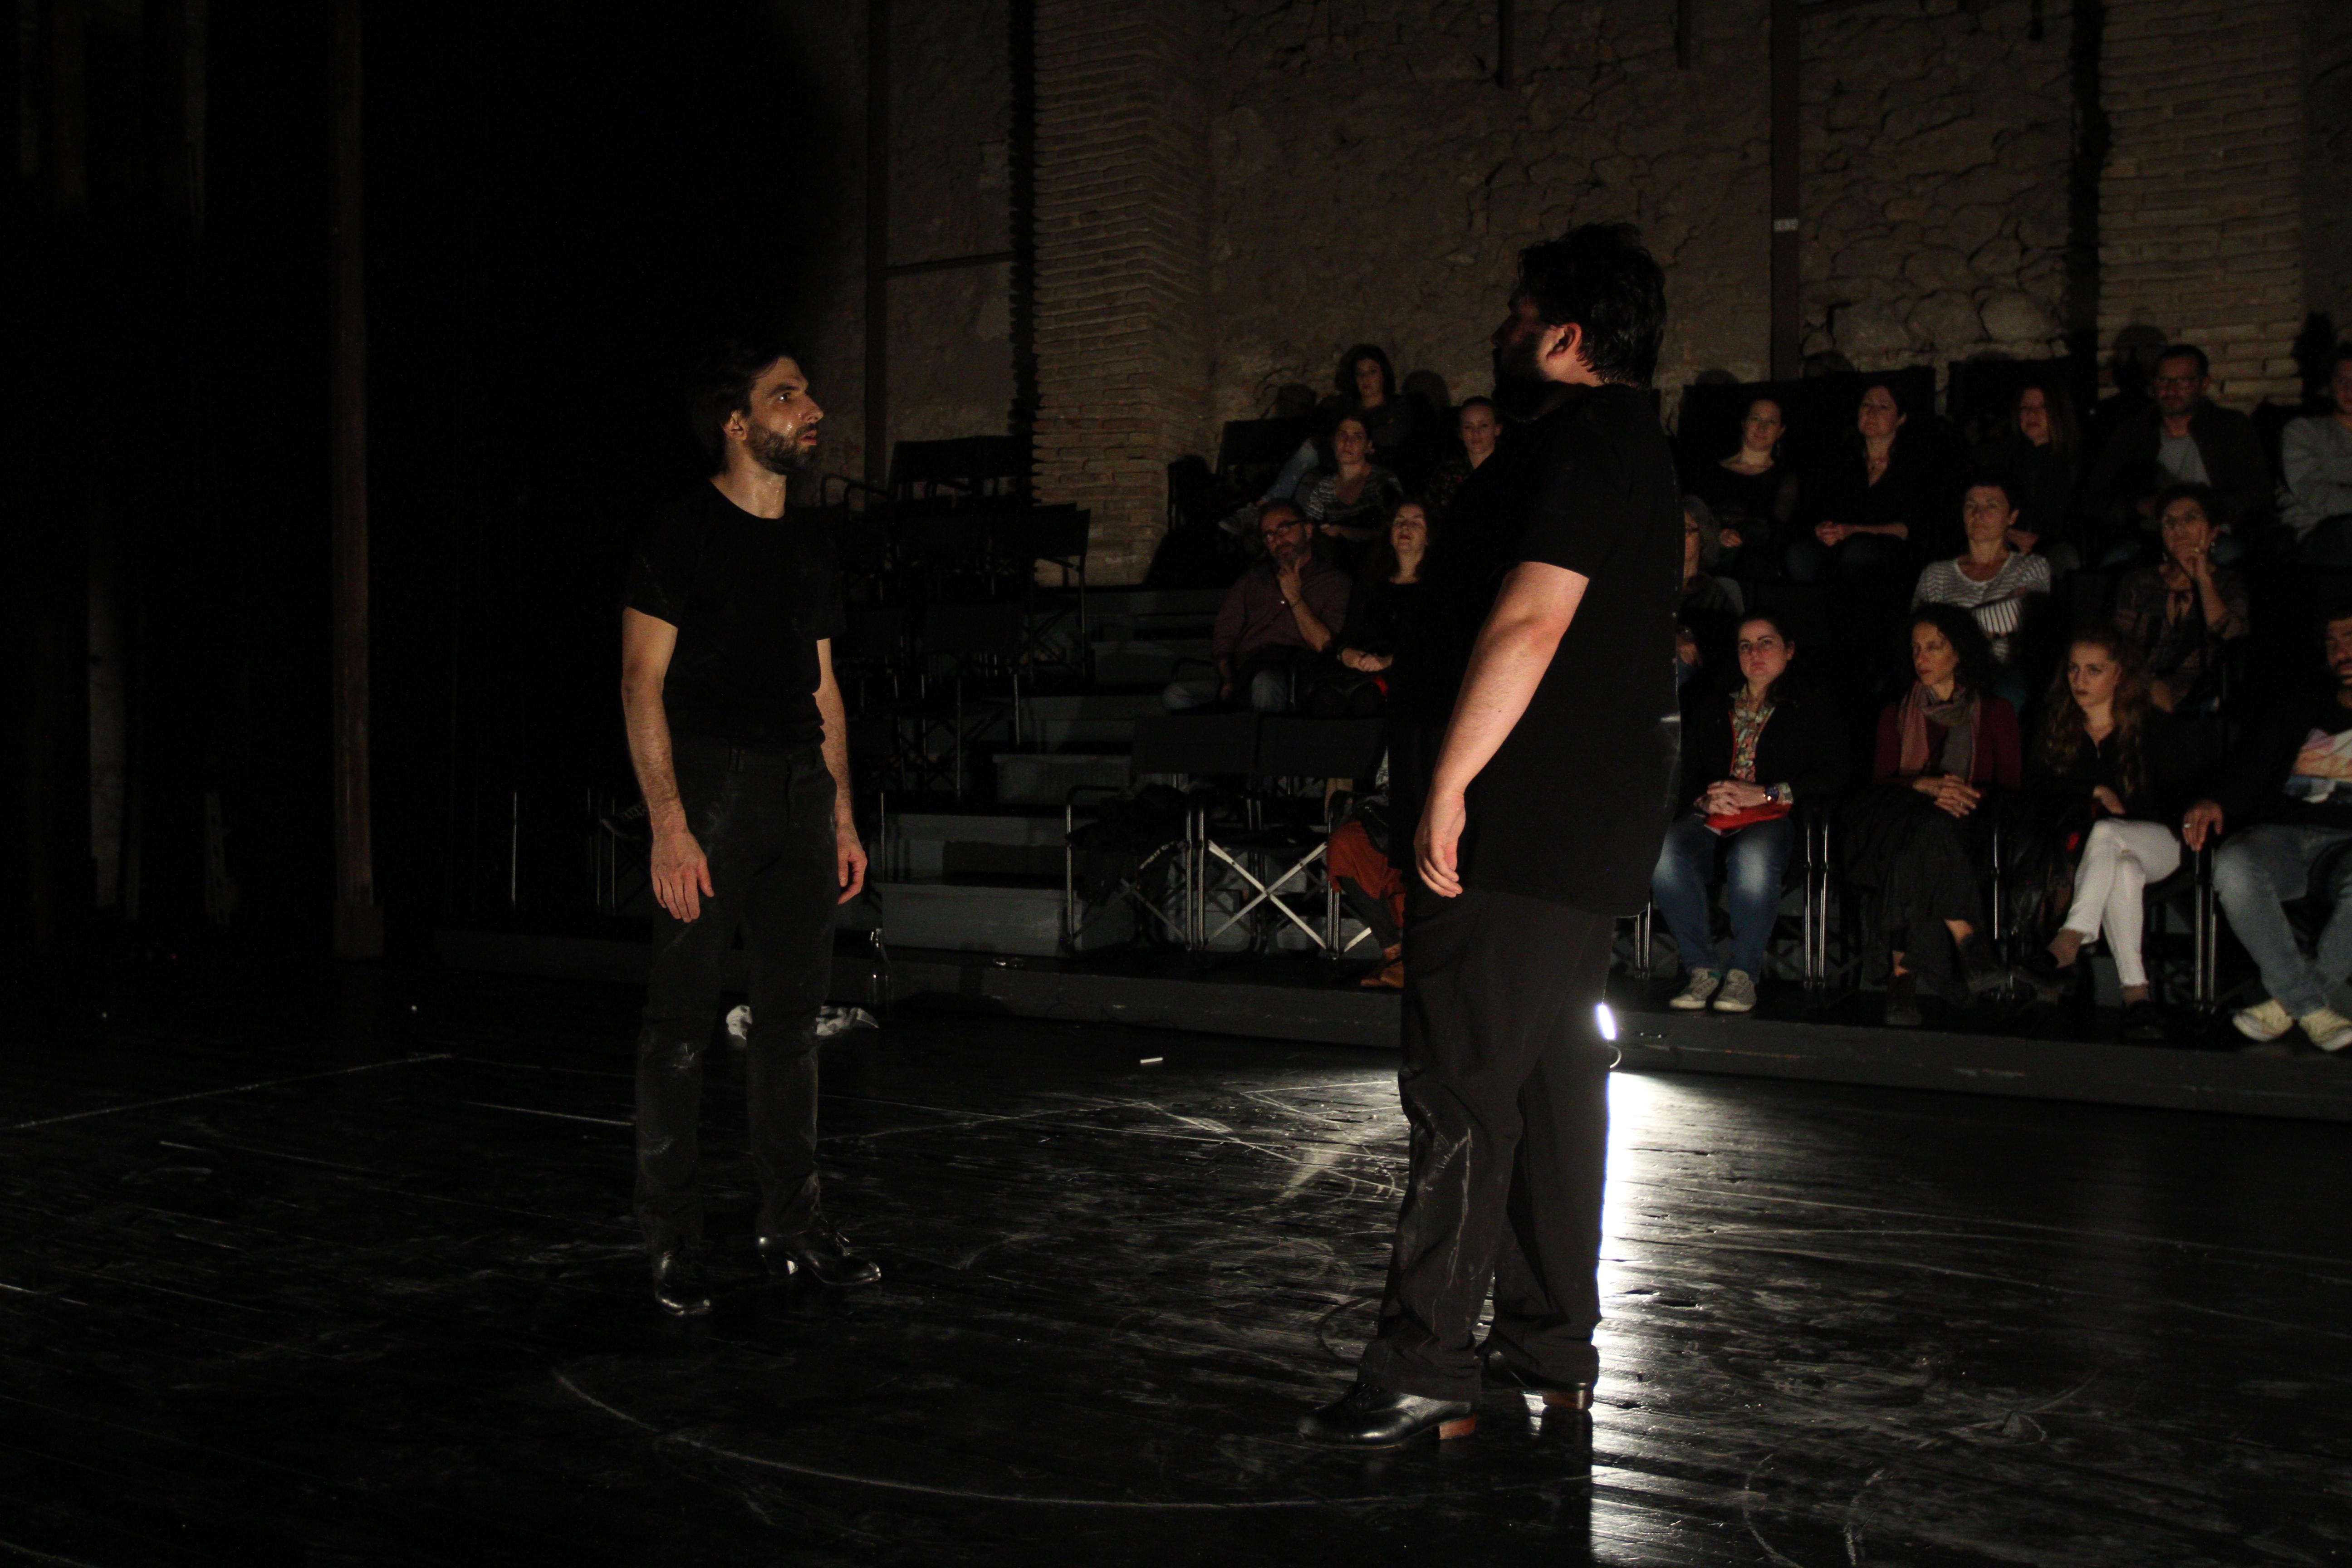 Rafael Estevez & Valeriano Panos_SILENCIOS